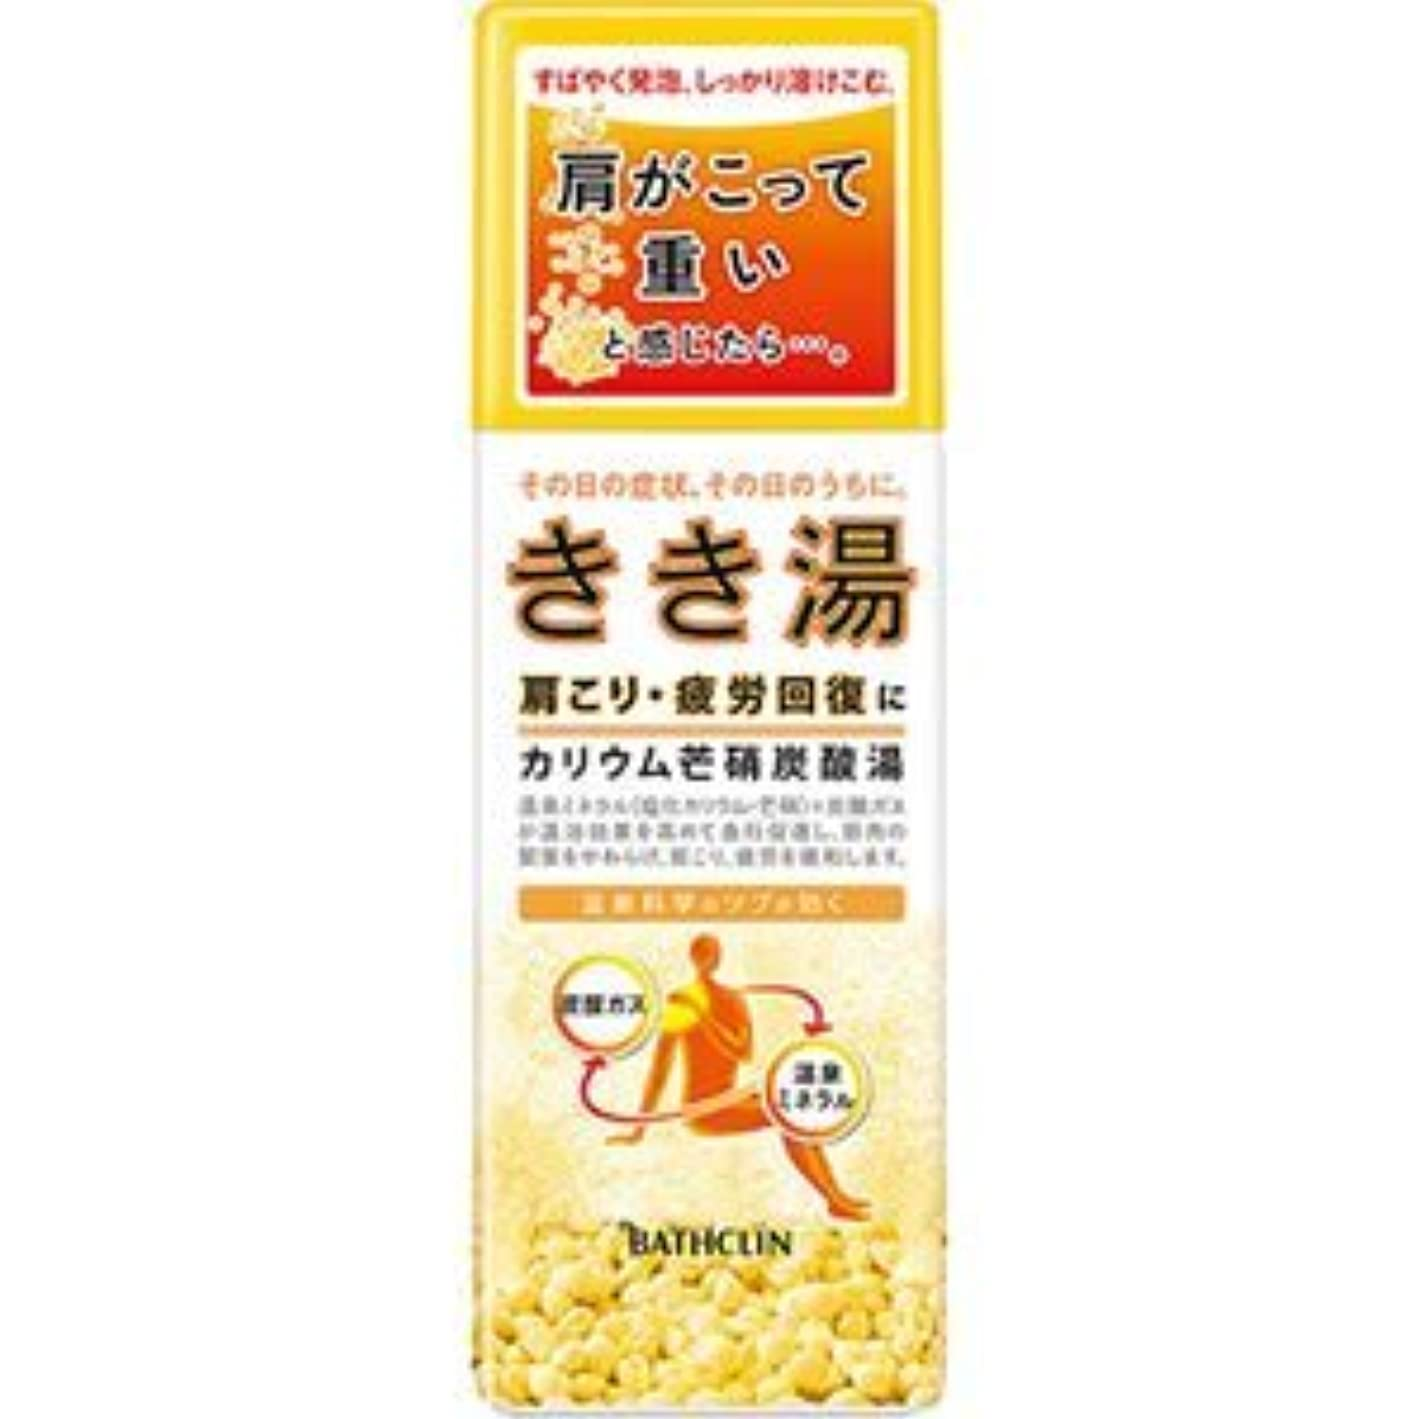 申請者円周期待して(バスクリン)きき湯 カリウム芒哨炭酸湯 360g(お買い得3個セット)(医薬部外品)